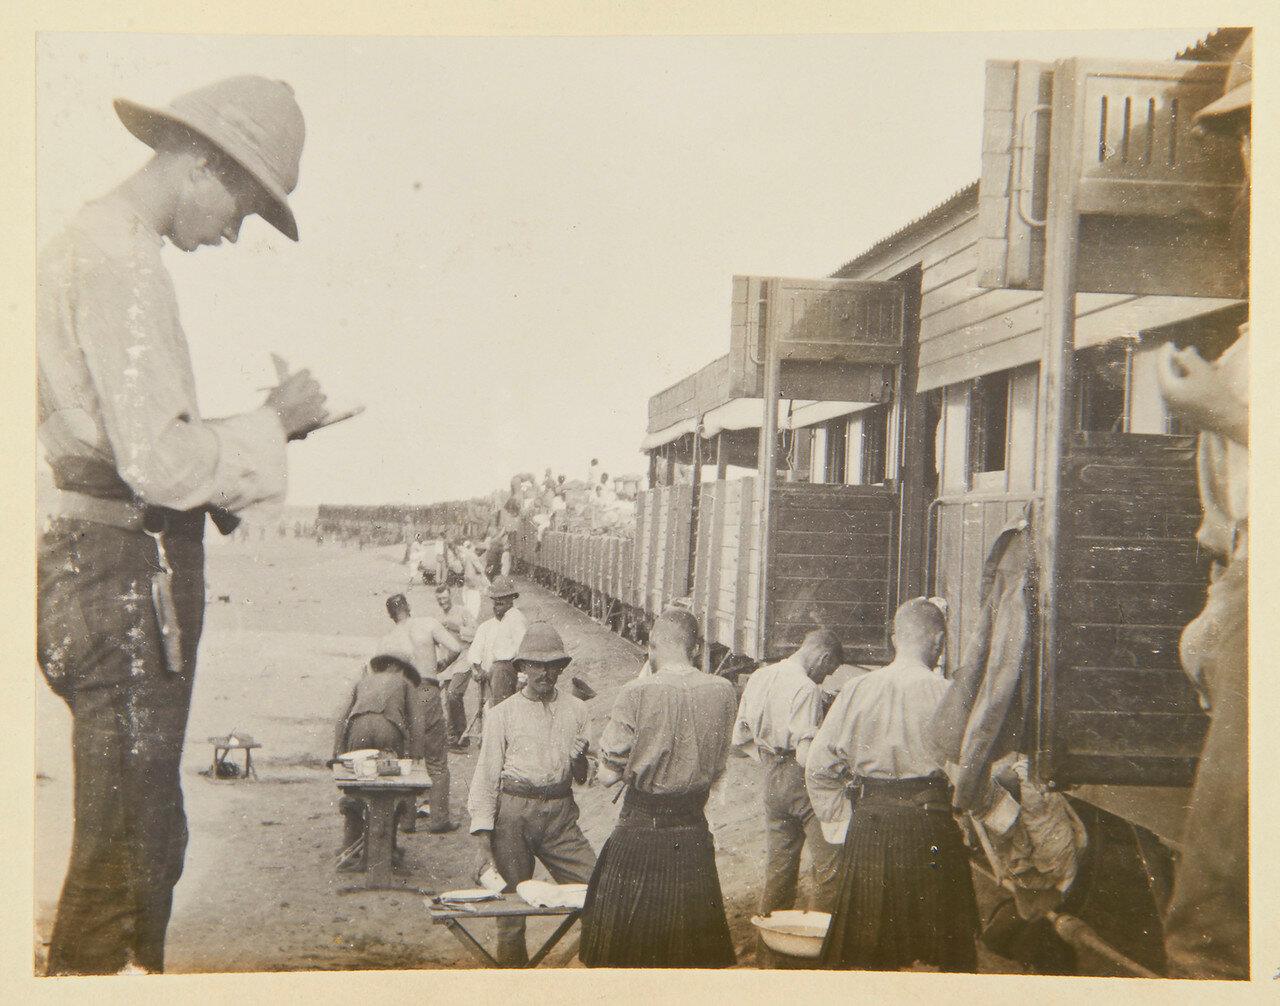 Завтрак Собственного королевского Камерон-хайлендерского полка в Абу-Хамеде, 14 сентября 1898